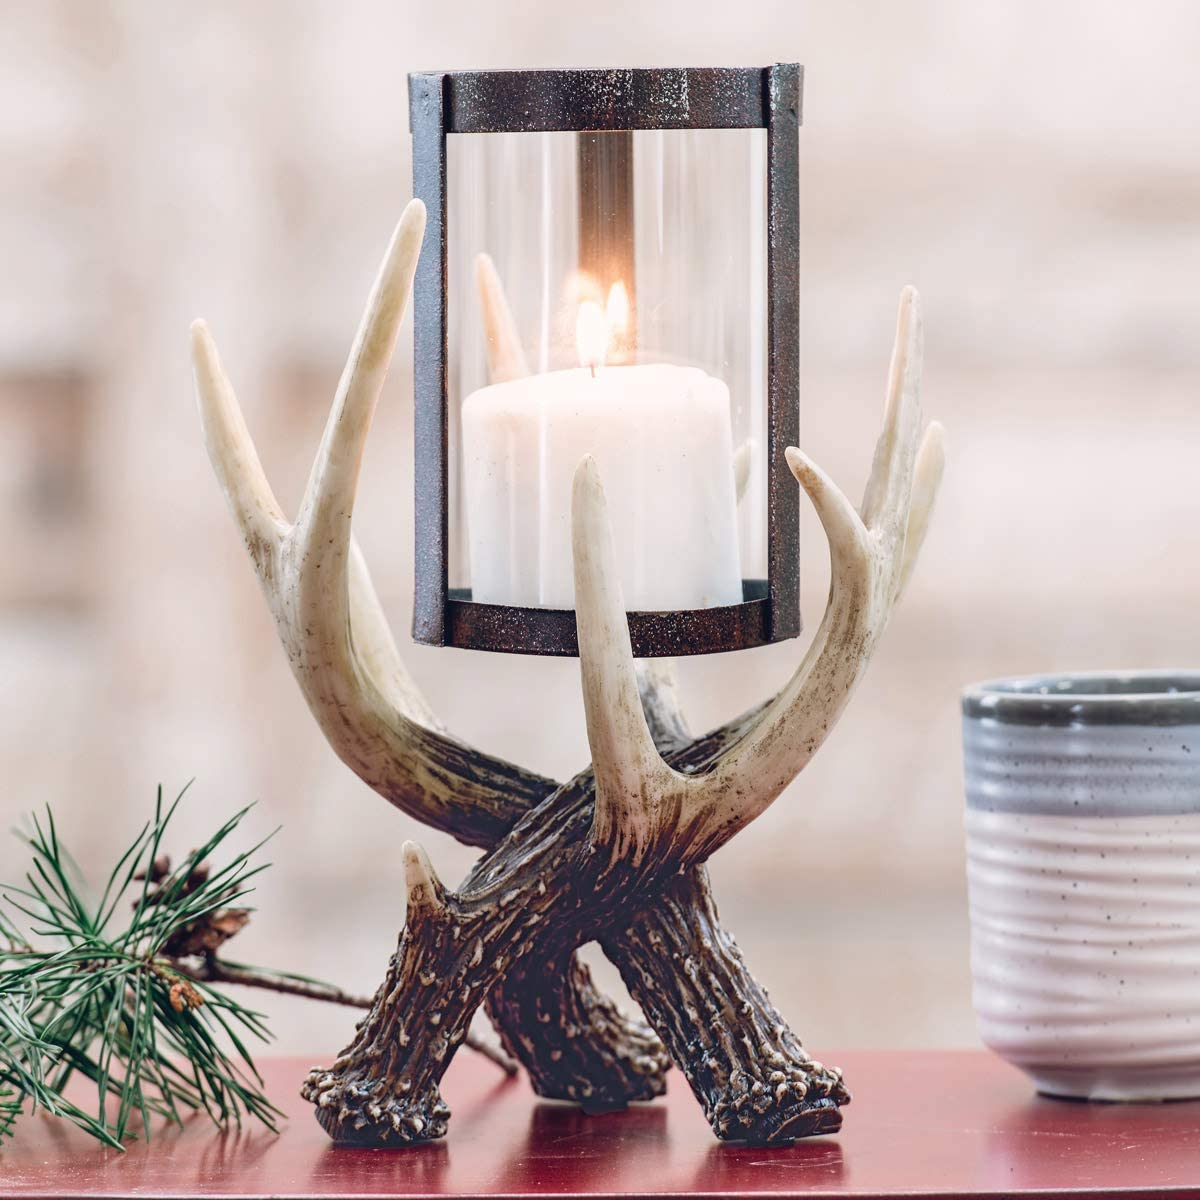 BLACK FOREST Alternative dealer DECOR Antler Candle Holder Tucson Mall Hurricane